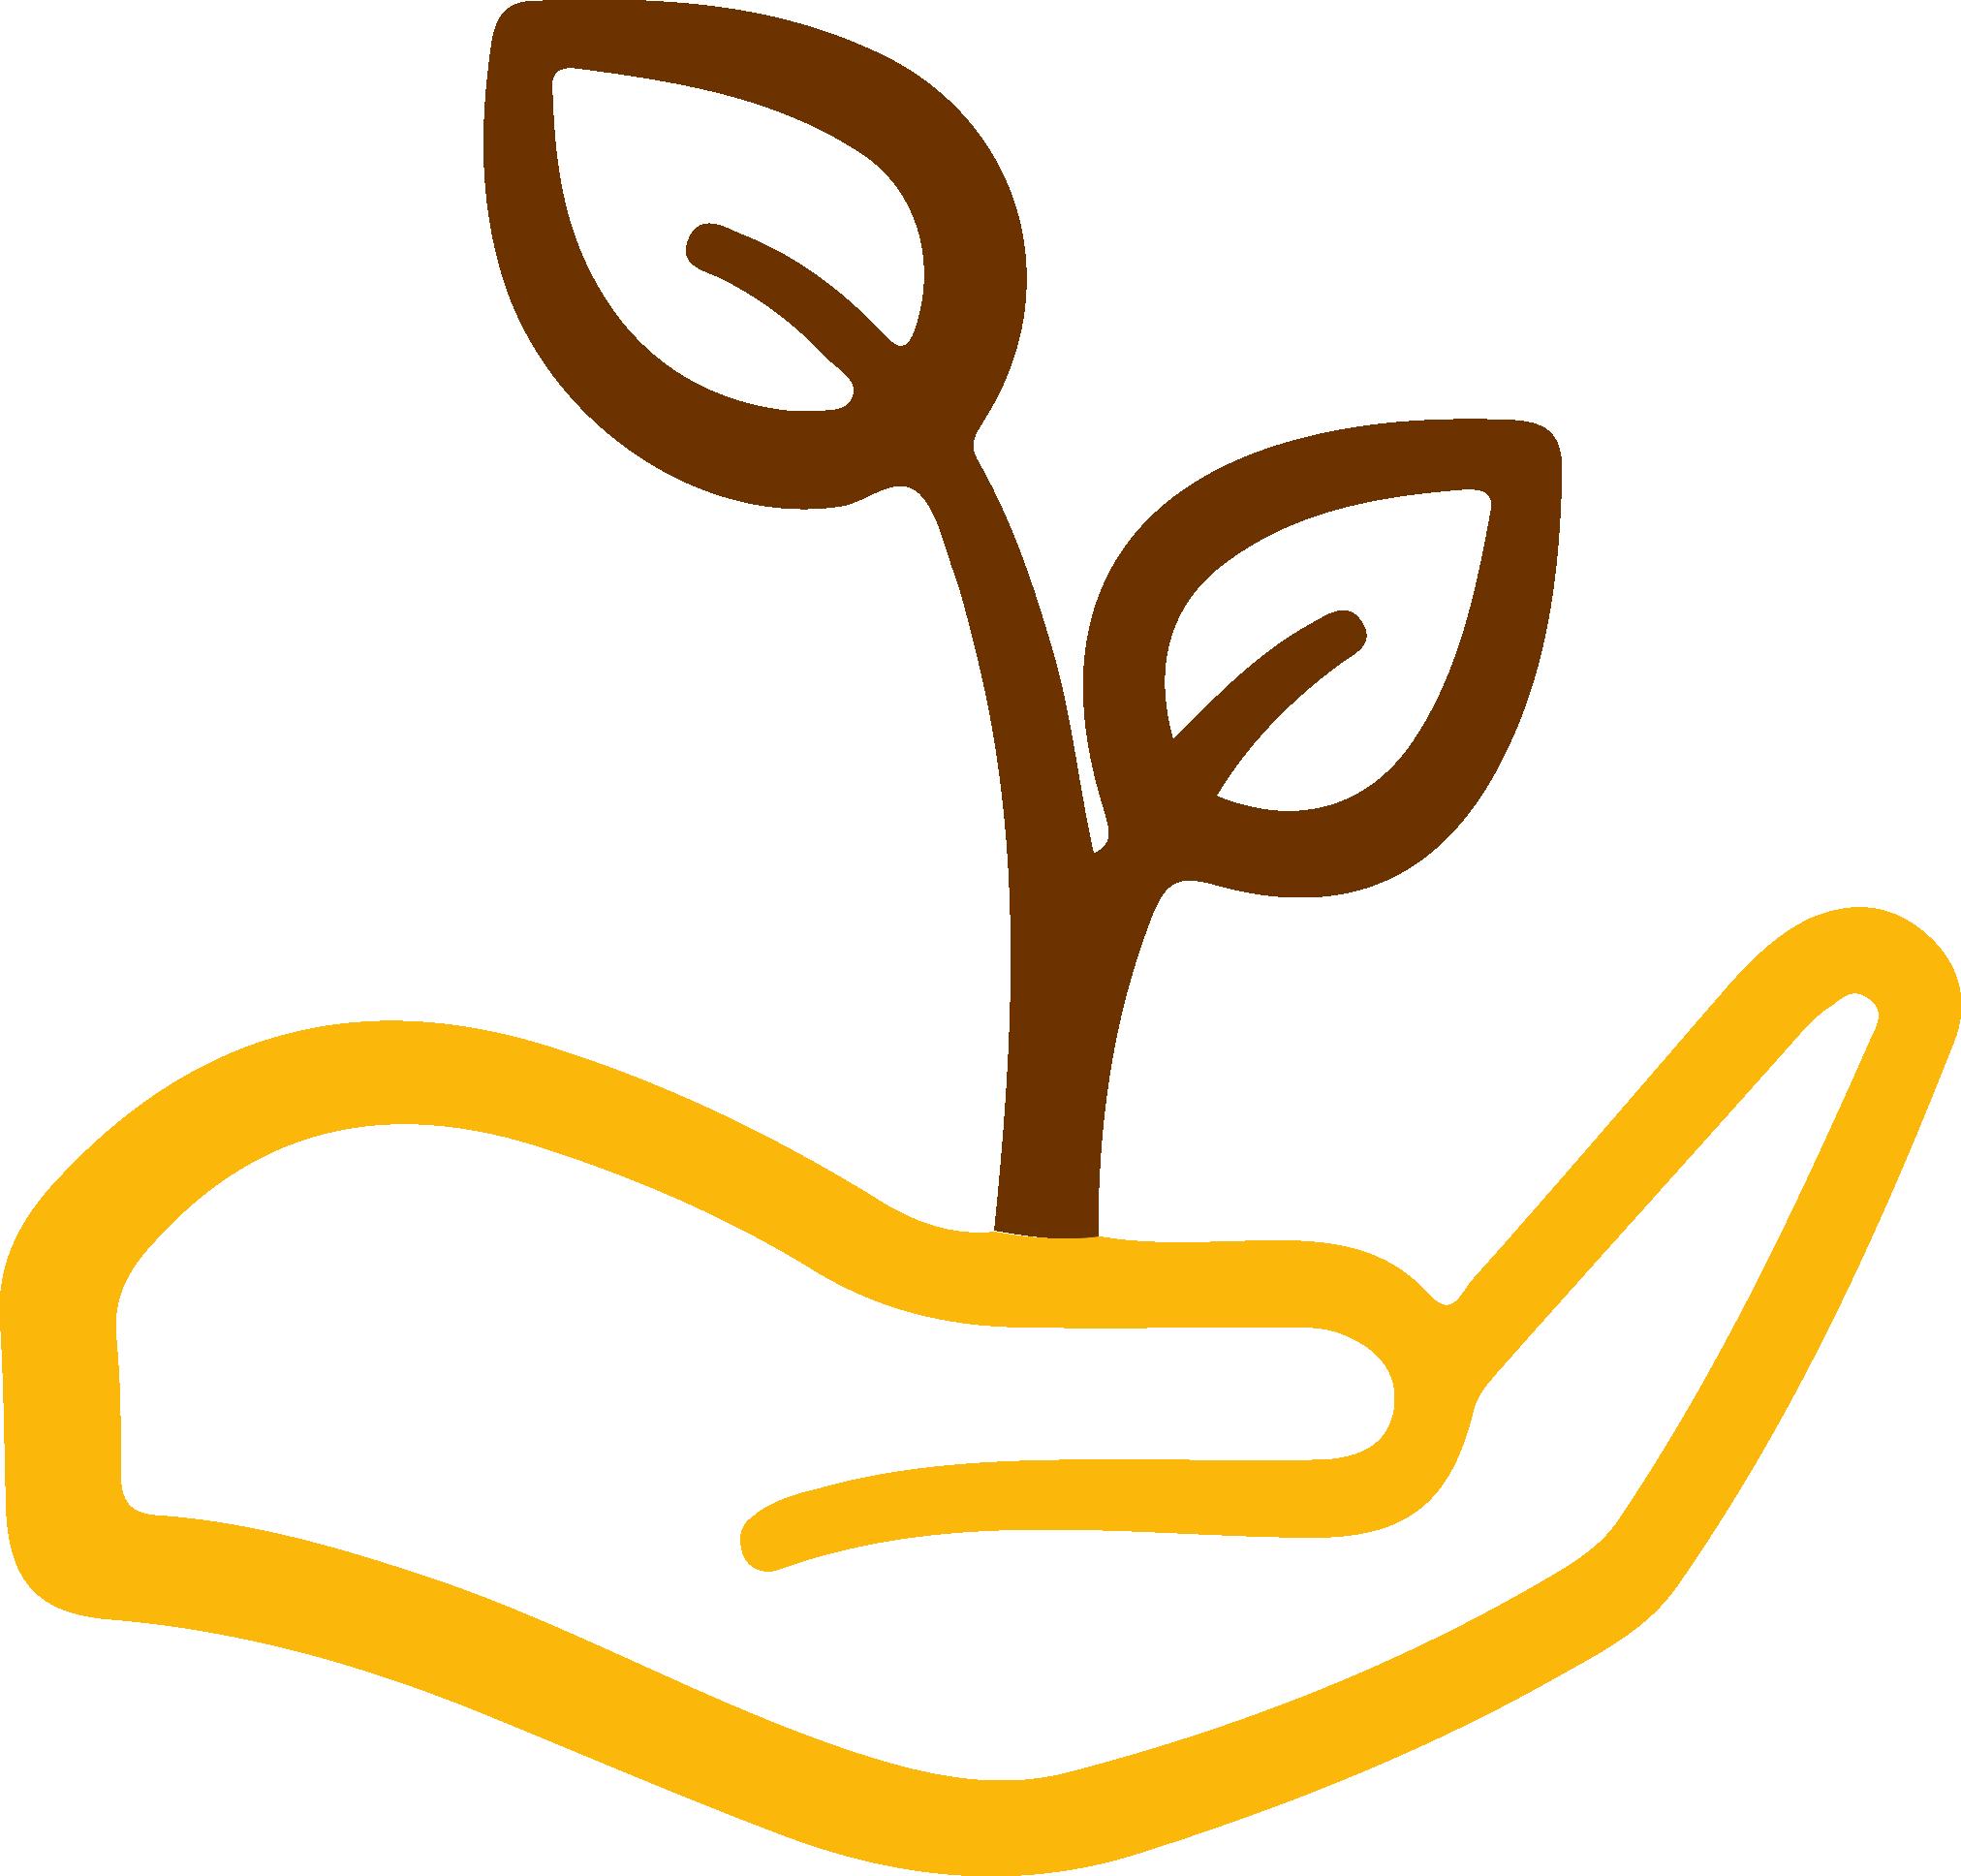 El desarrollo de prácticas más sustentables